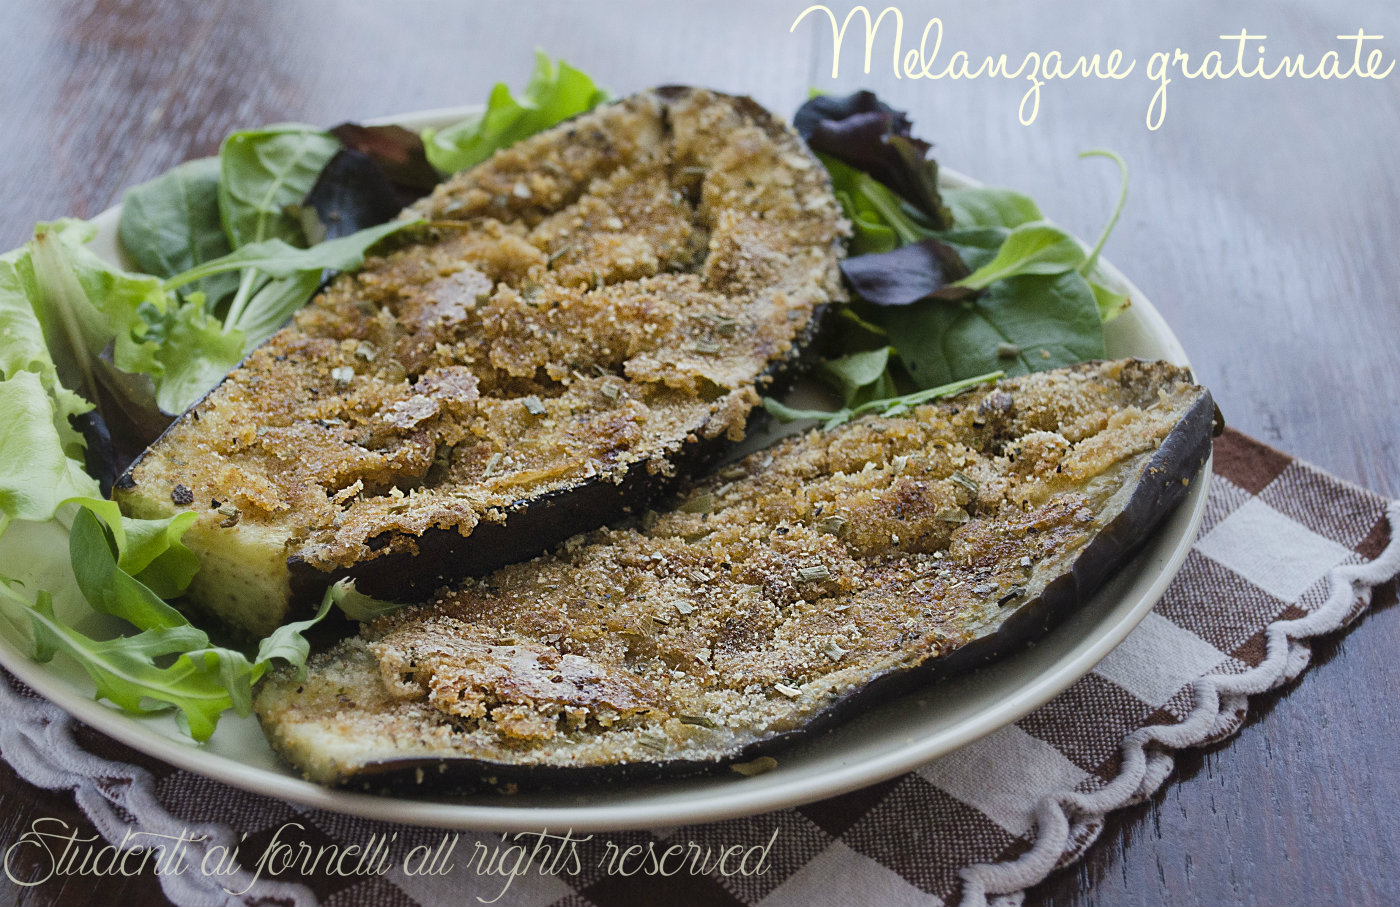 melanzane gratinate in padella light con erbe aromatiche e pangrattato ricetta vegetariana